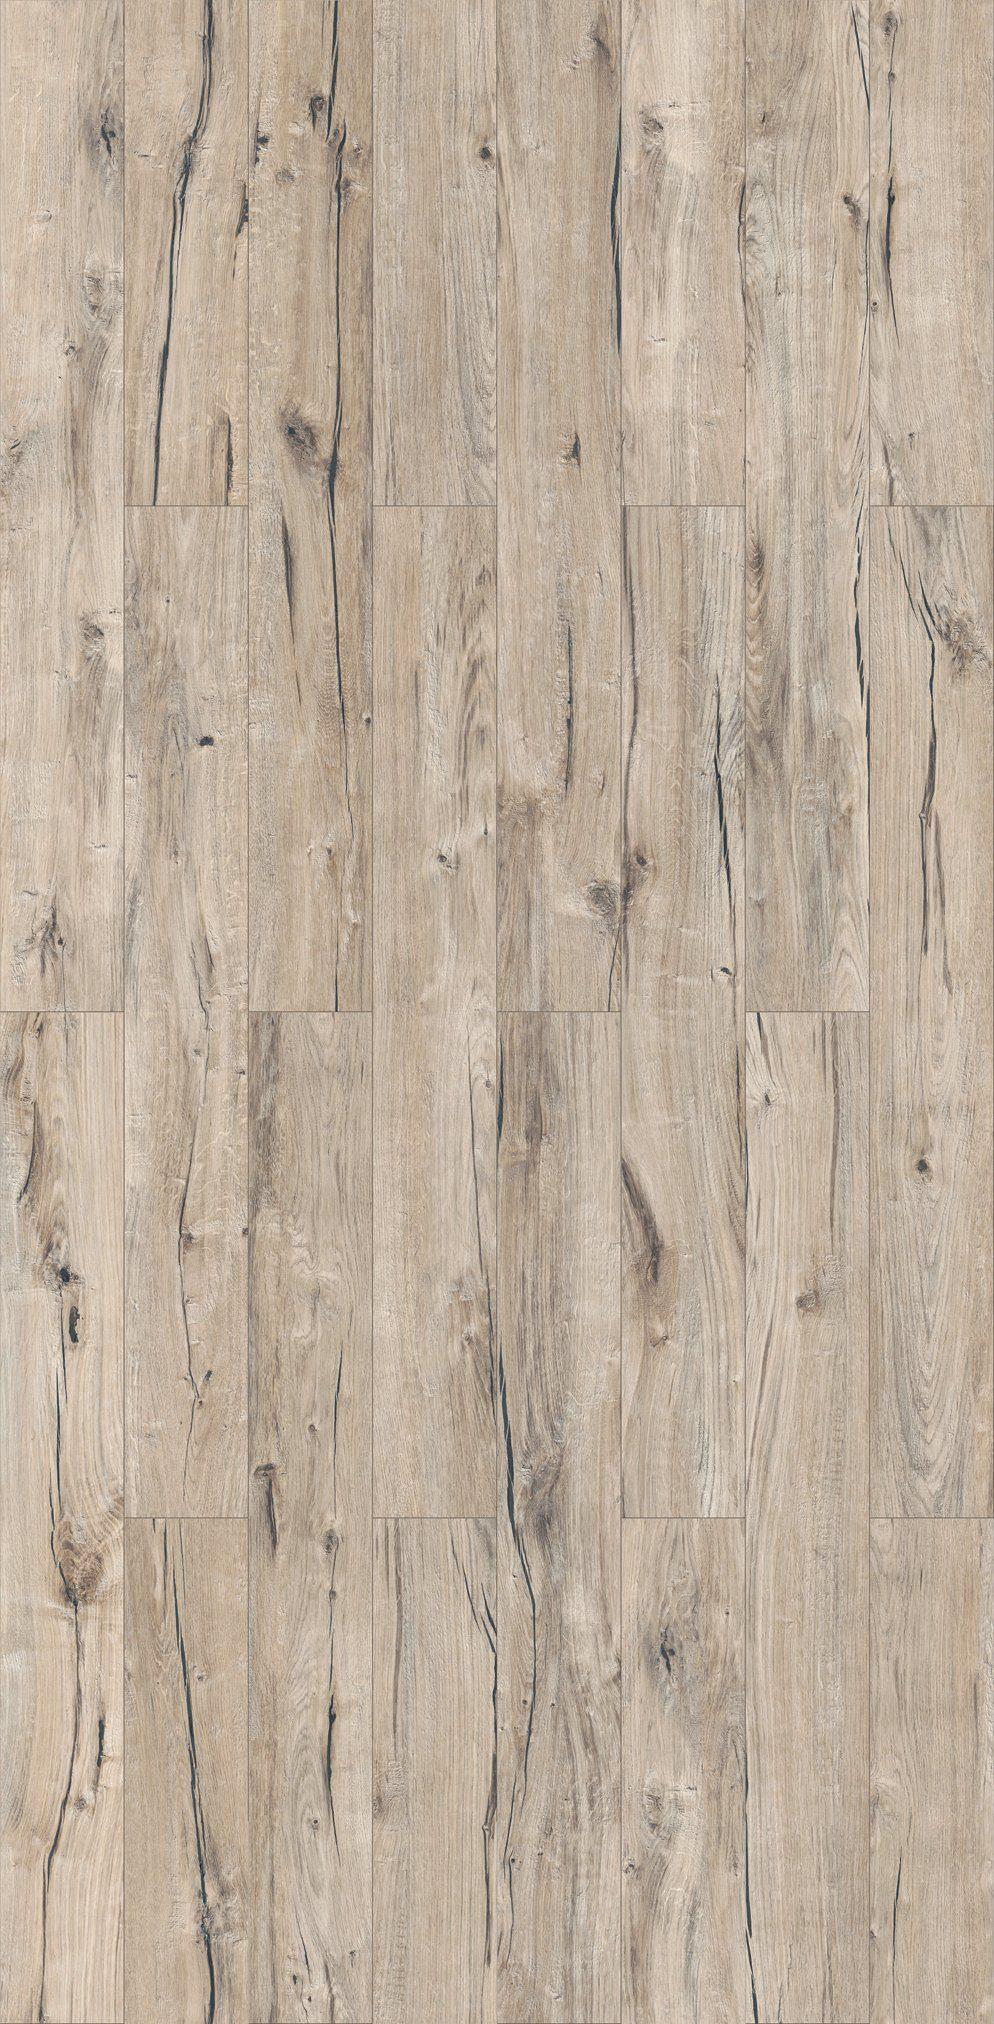 PARADOR Laminat »Trendtime 1 - Eiche Century geseift«, 1285 x 158 mm, Stärke: 8 mm